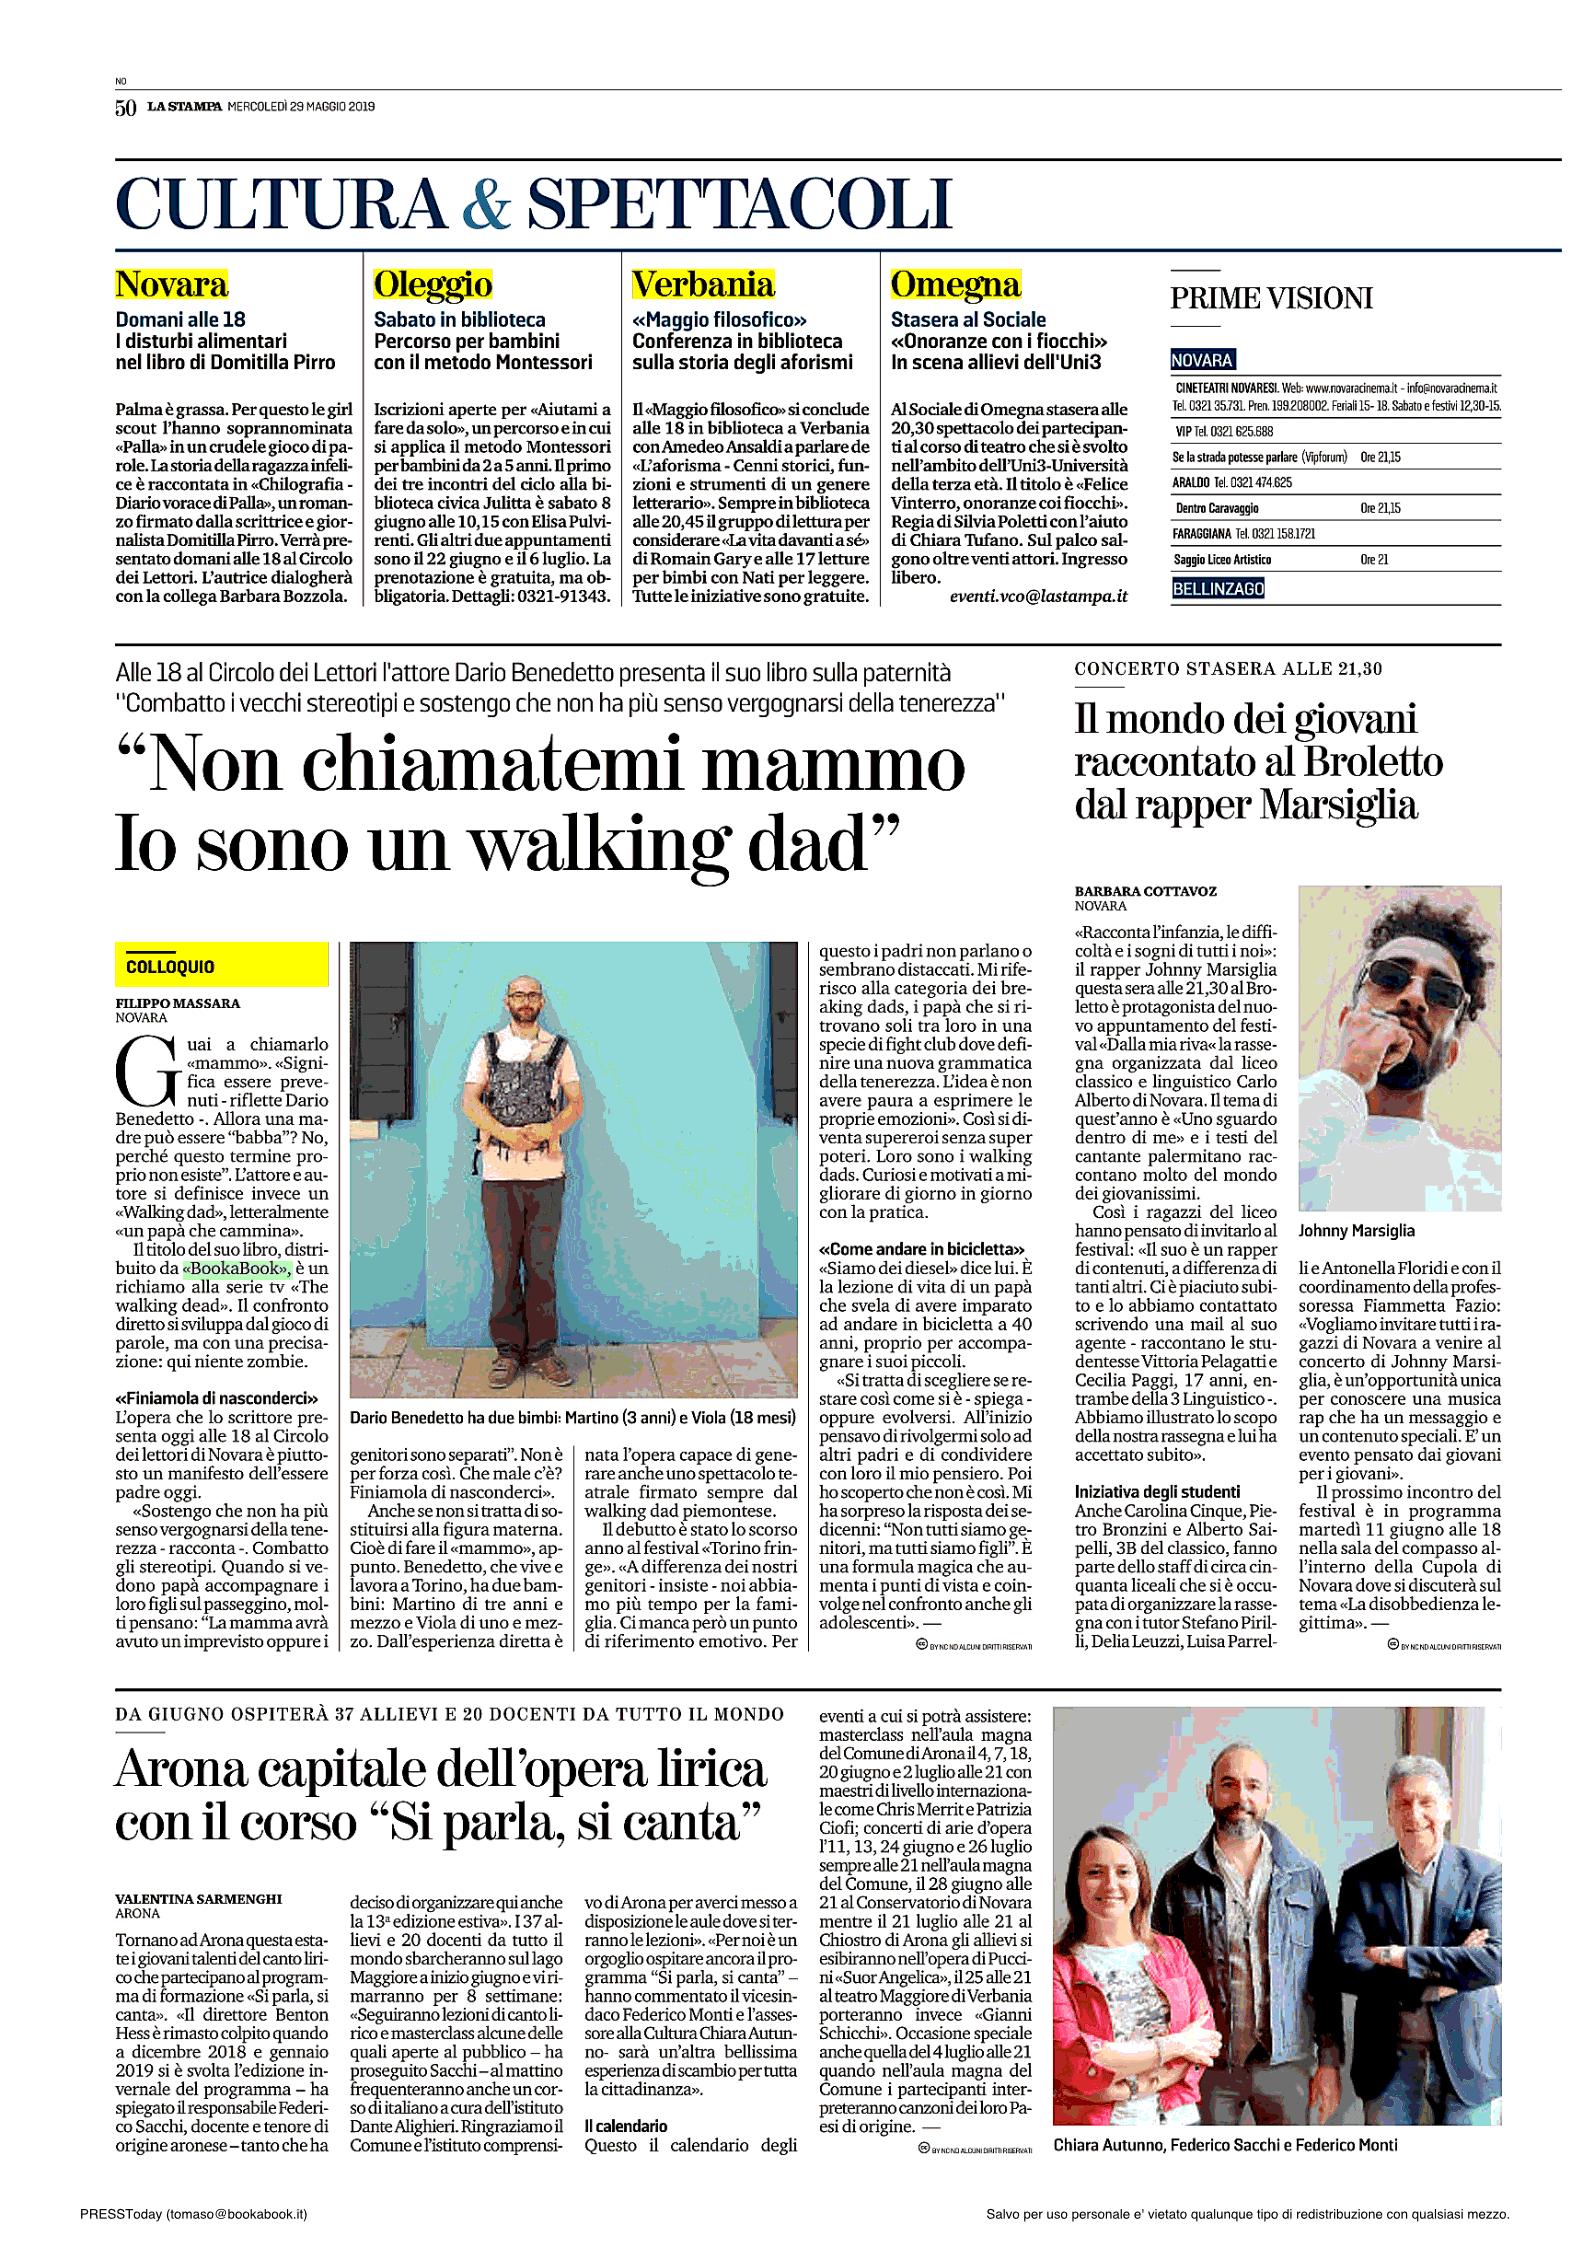 Style Corriere Della Sera Calendario Uscite.Rassegna Stampa Bookabook